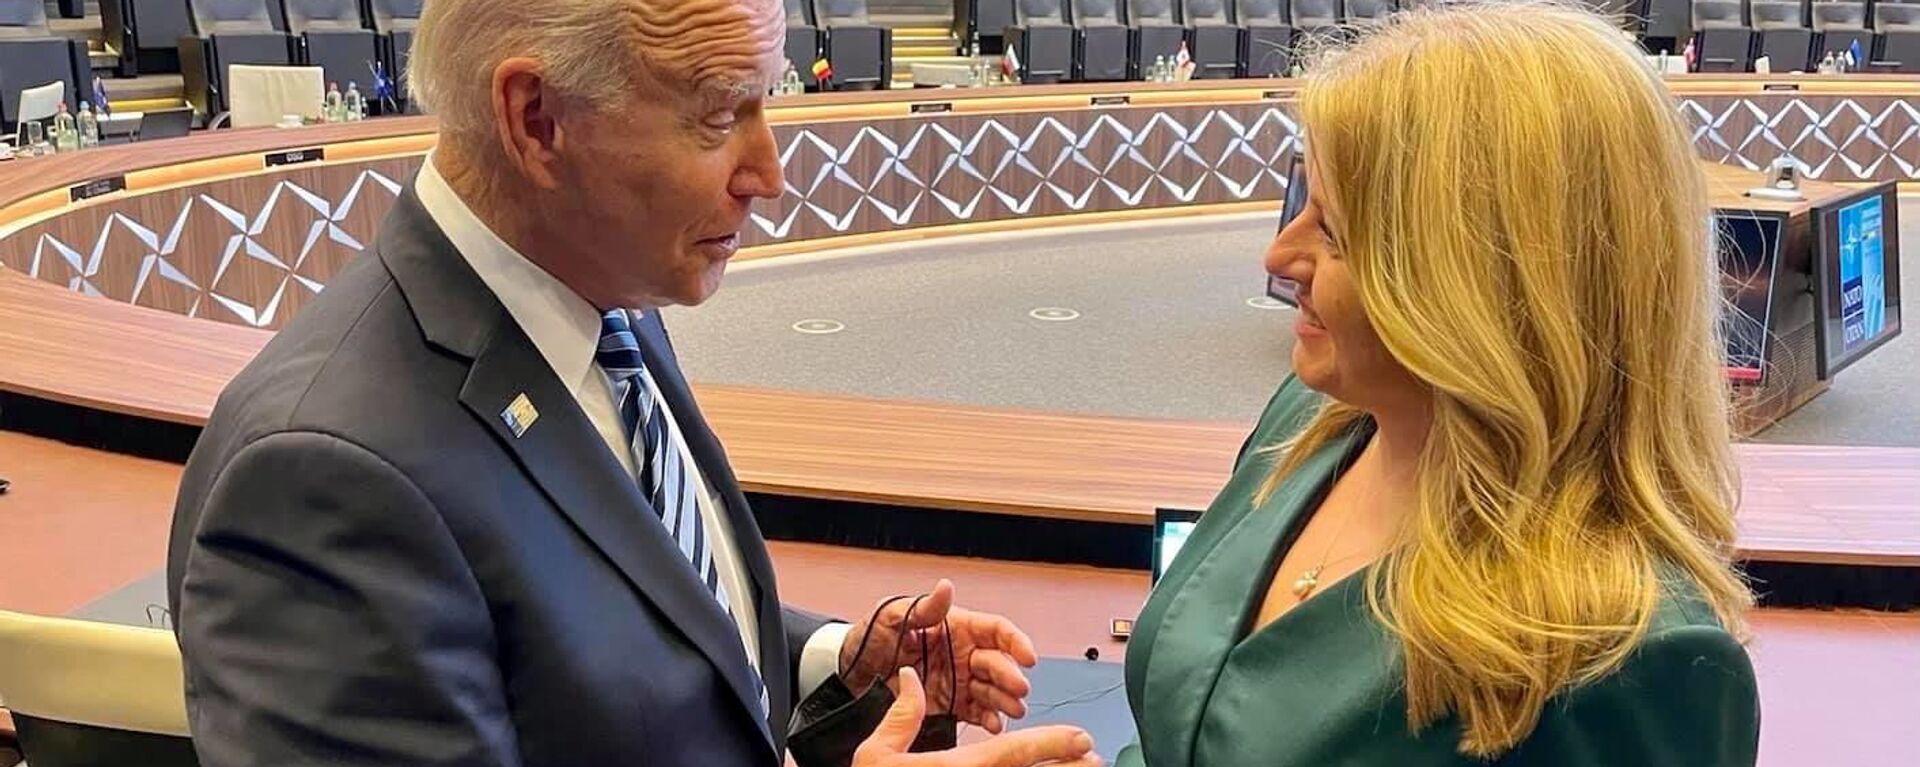 Americký prezident Joe Biden a slovenská prezidentka Zuzana Čaputová během summitu NATO v Bruselu - Sputnik Česká republika, 1920, 15.06.2021